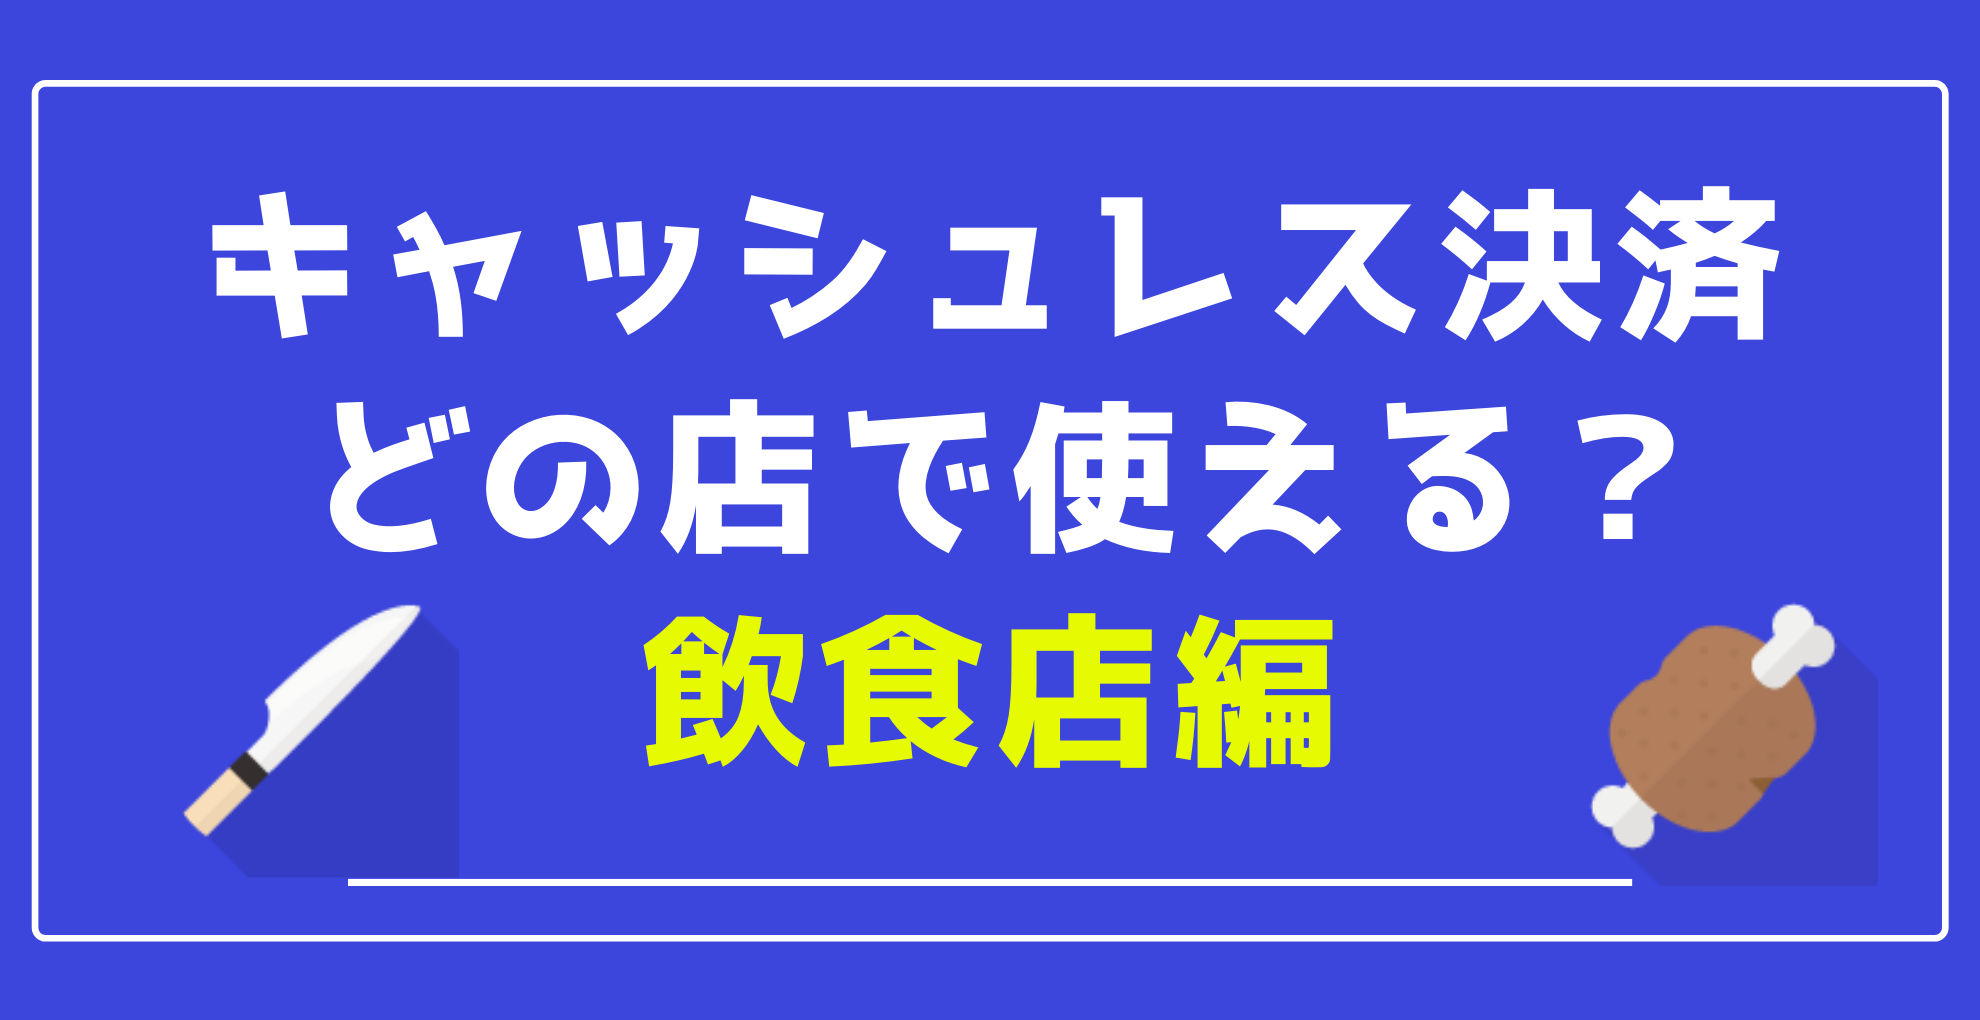 【キャッシュレス】スマホ決済 どの店で使える? 【飲食店編】回転寿司 焼き肉 ステーキ とんかつ